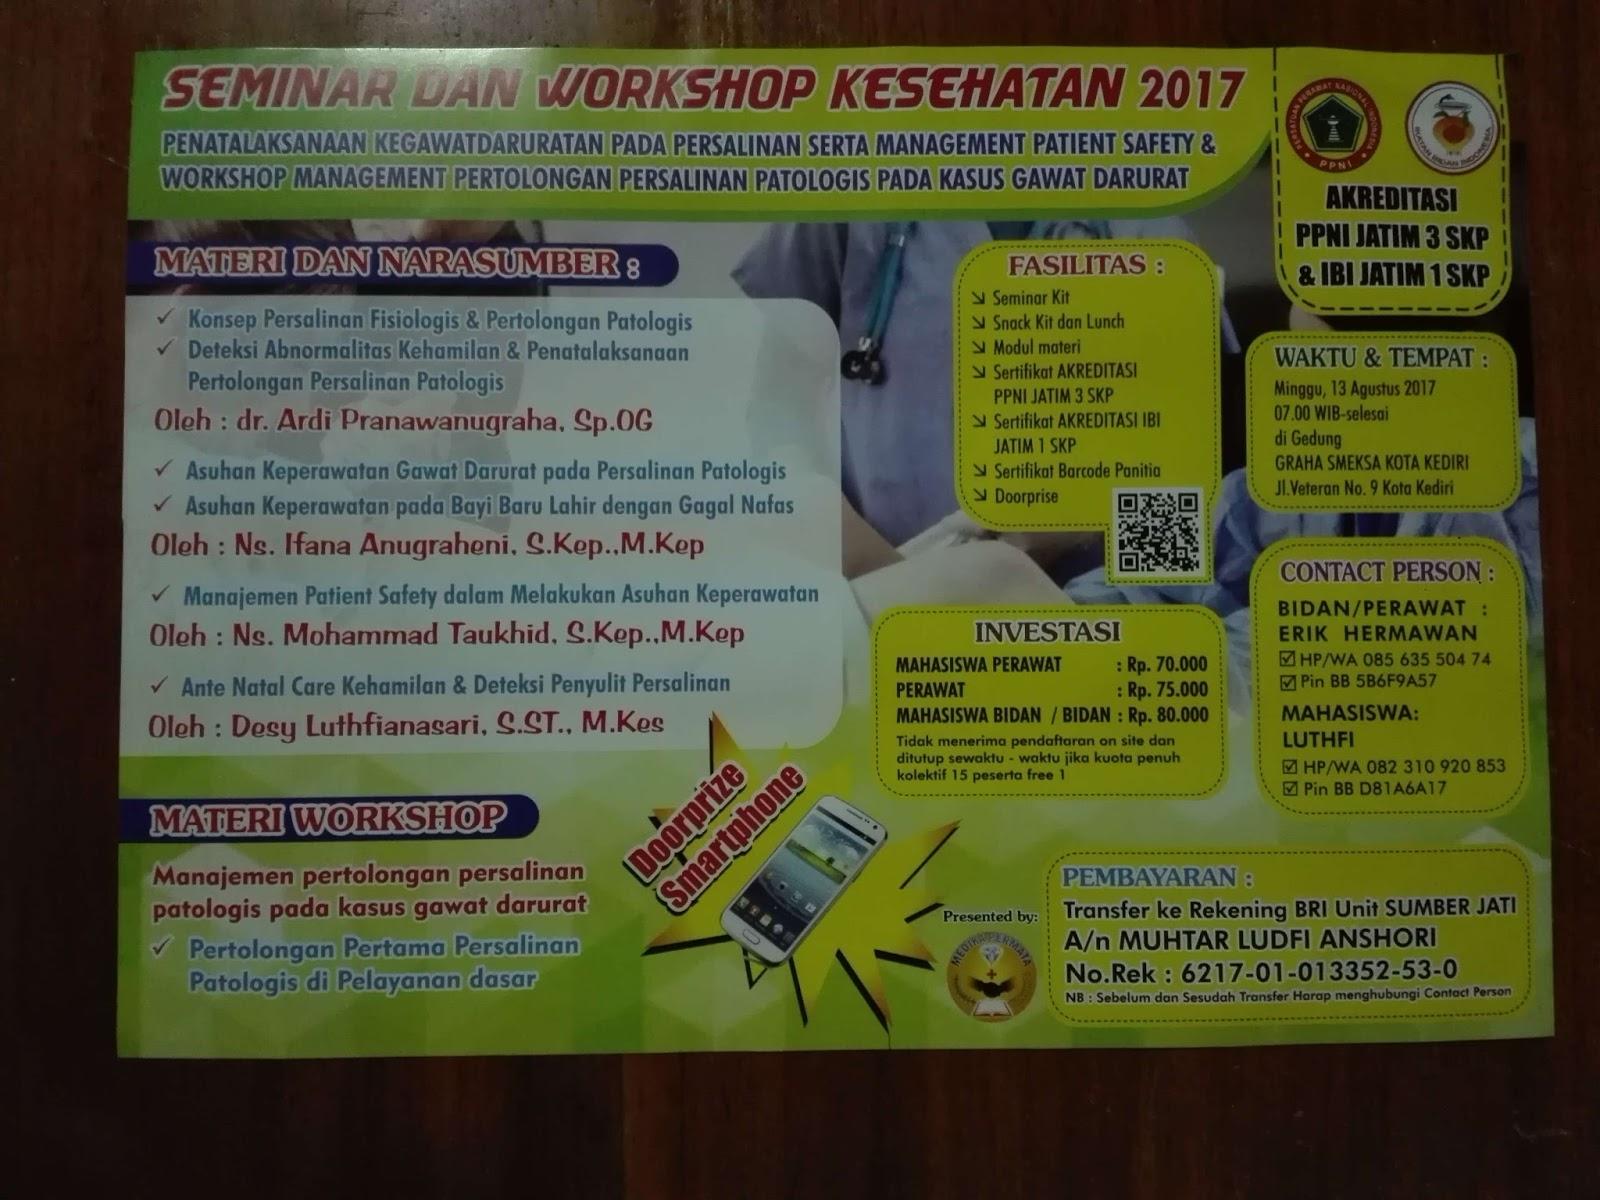 Seminar Dan Workshop Kesehatan Agusutus 2017 Kota Kediri